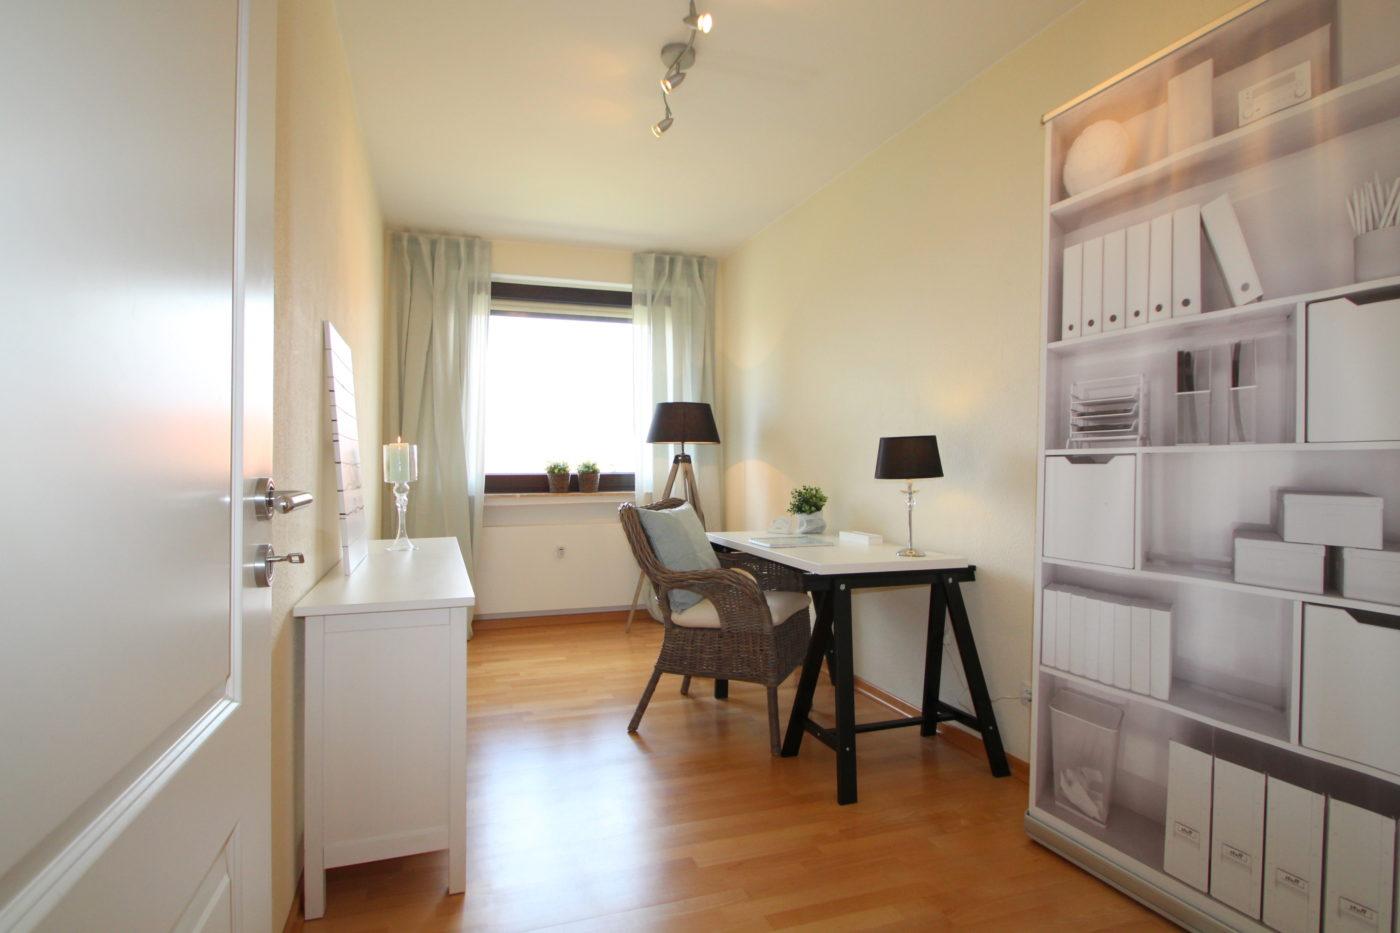 Arbeitszimmer nach dem Homestaging durch Nicole Biernath von Blickfang Homestaging in Soest